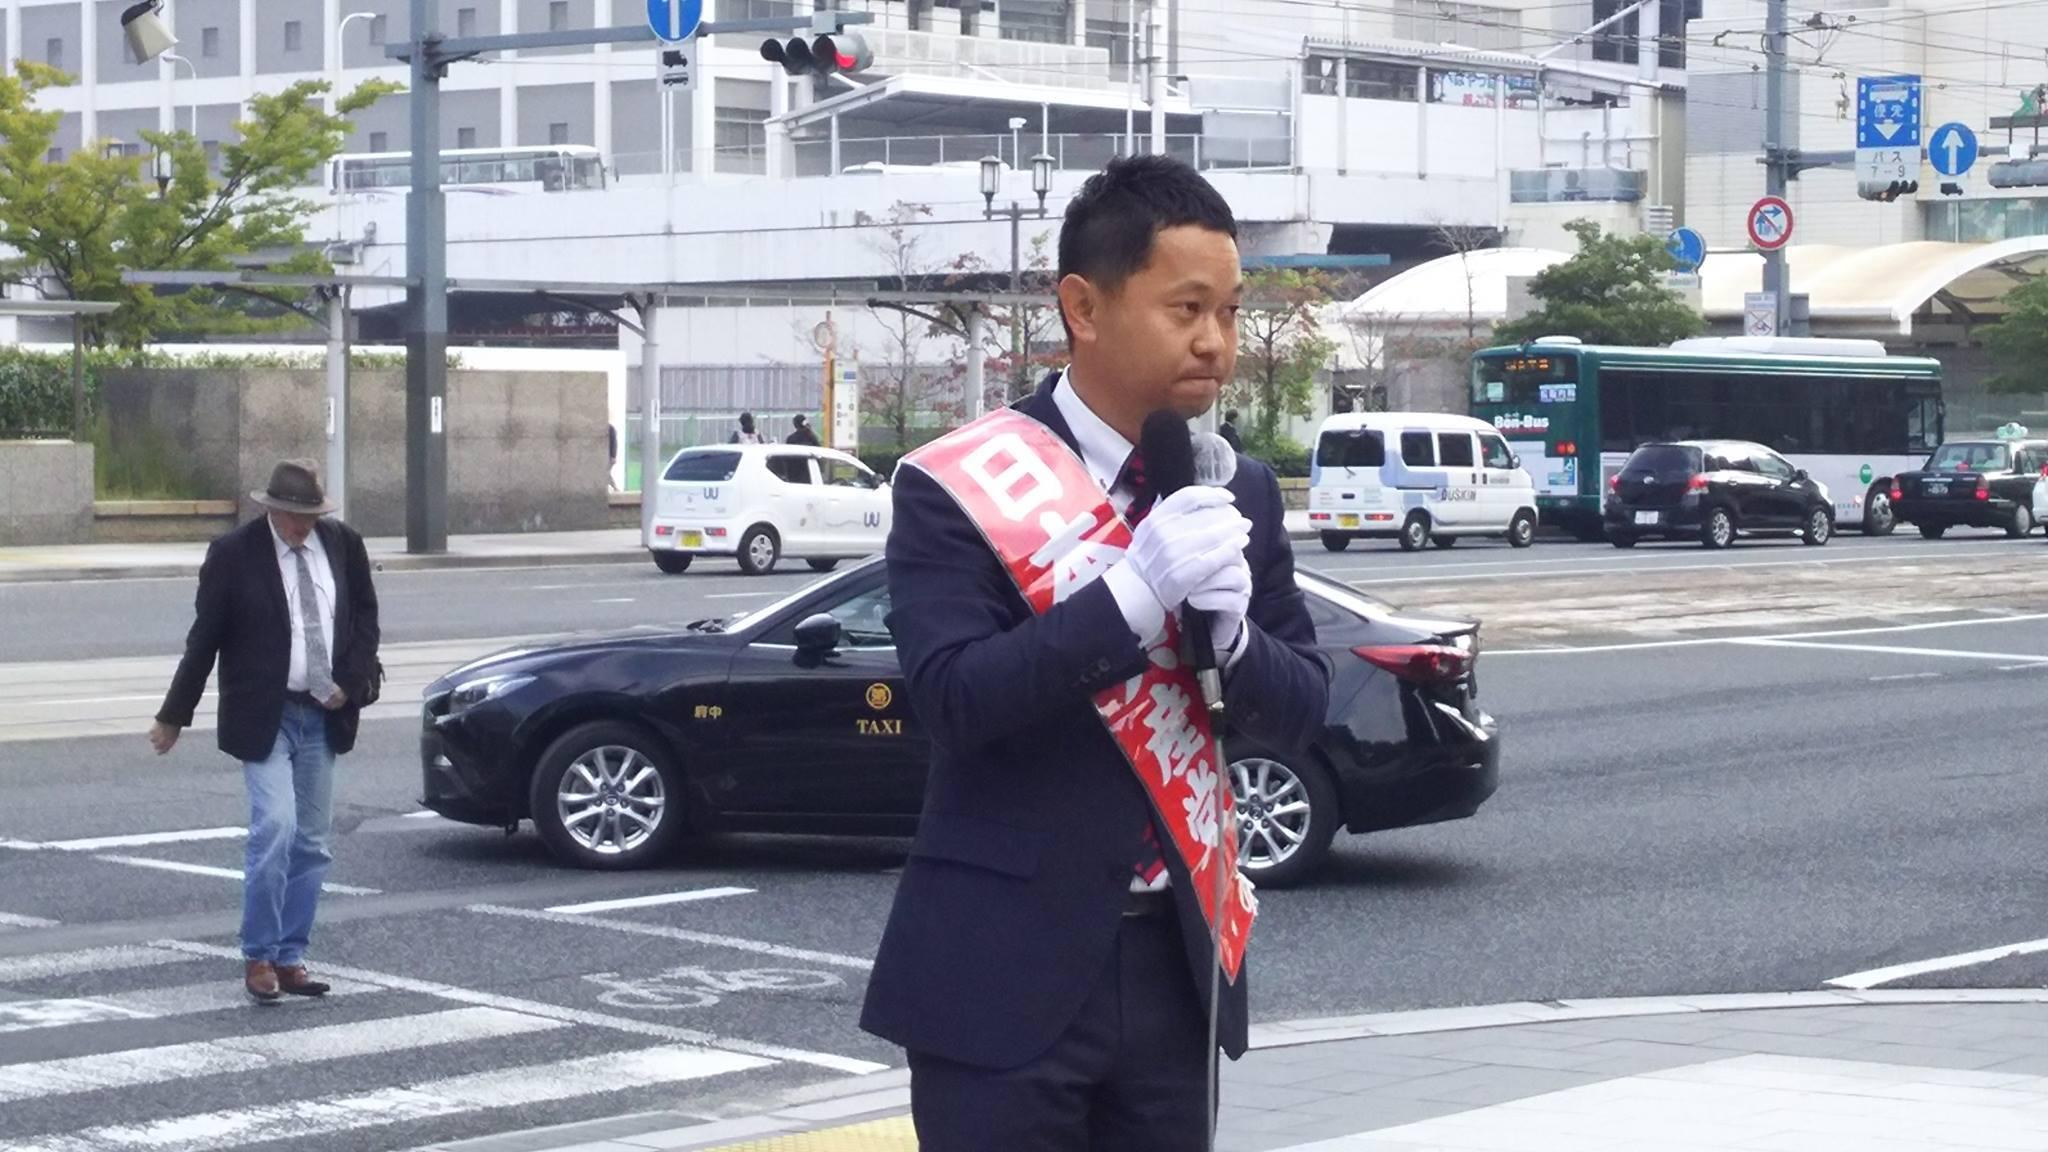 秋葉忠利さんに最大限の敬意を表し、立憲勢力最大化を図るとともに、比例代表は「日本共産党」をお願いします_e0094315_13063476.jpg